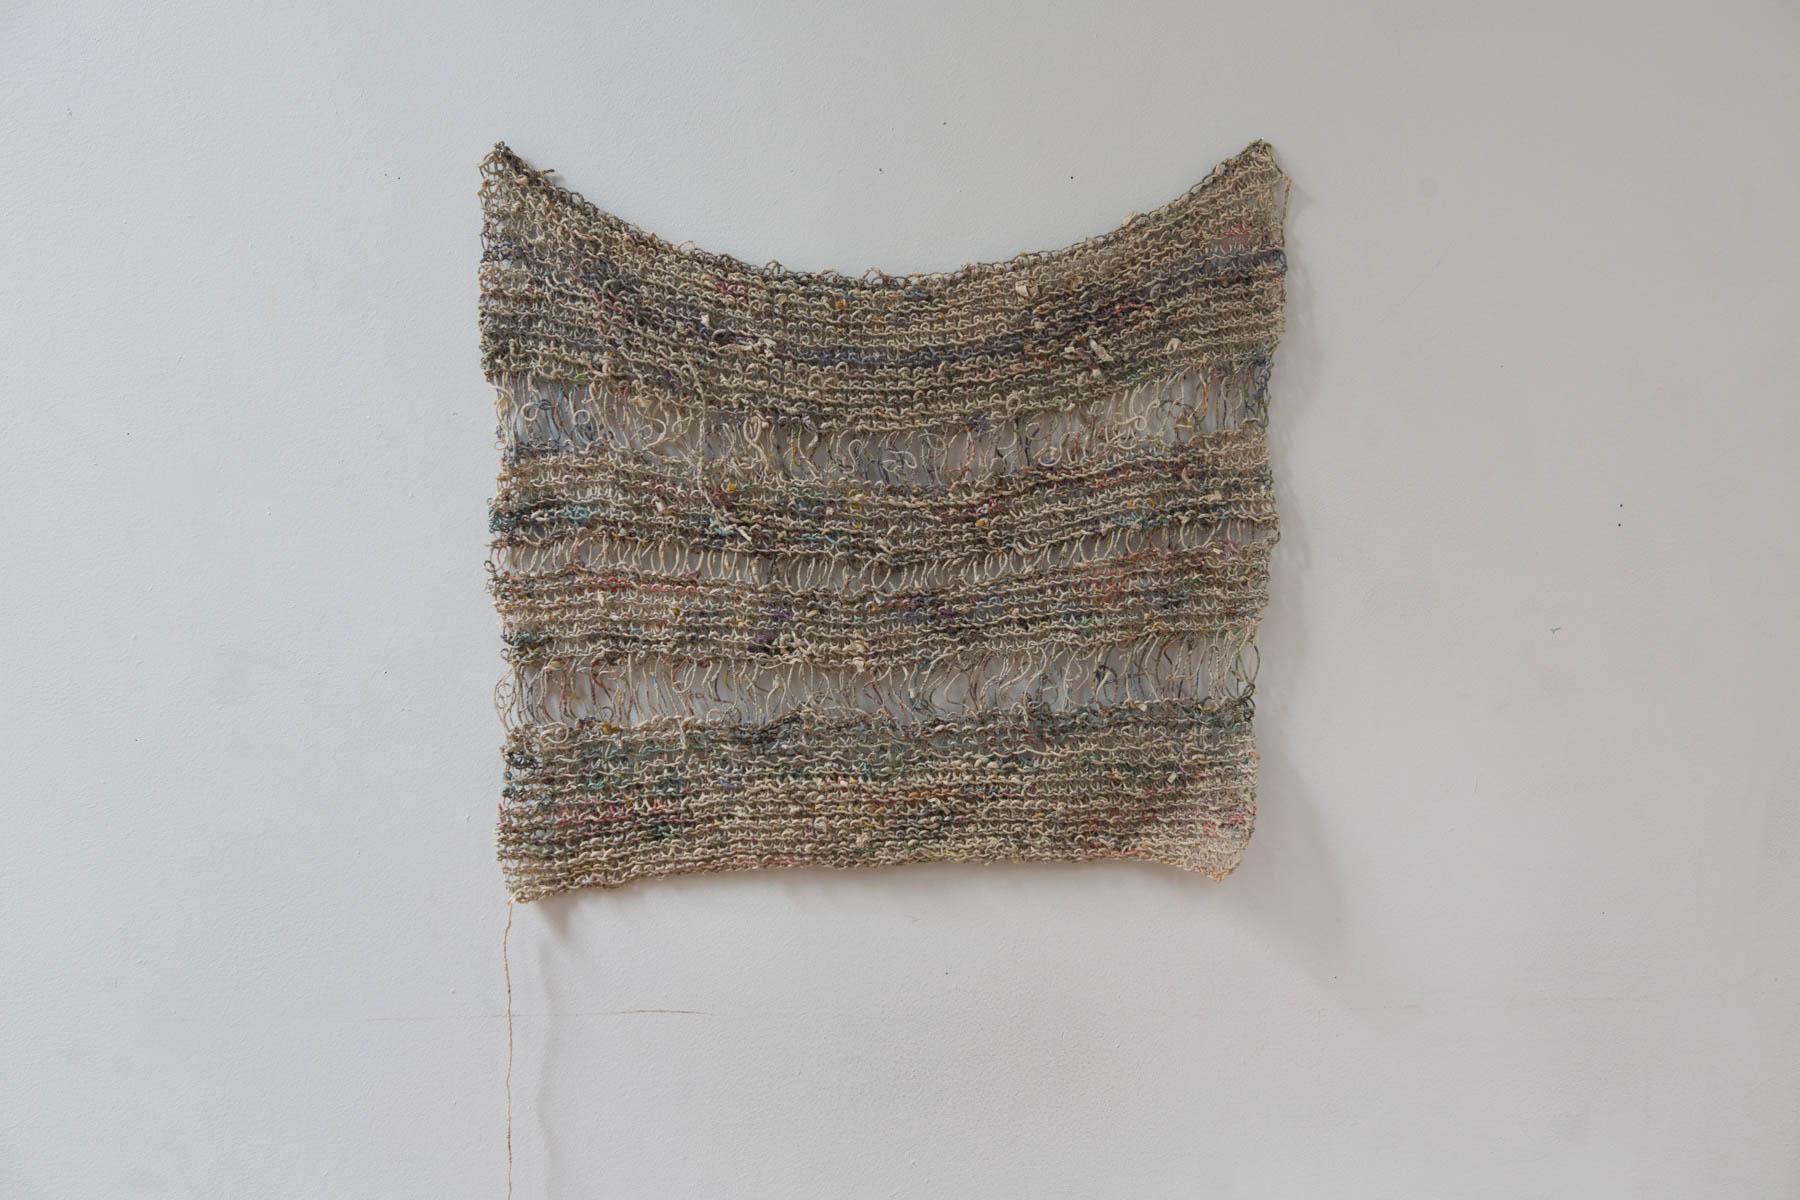 Renaut Fiber Artist SDZ (German Newspaper), 2011 Knitted Spun Newspaper,